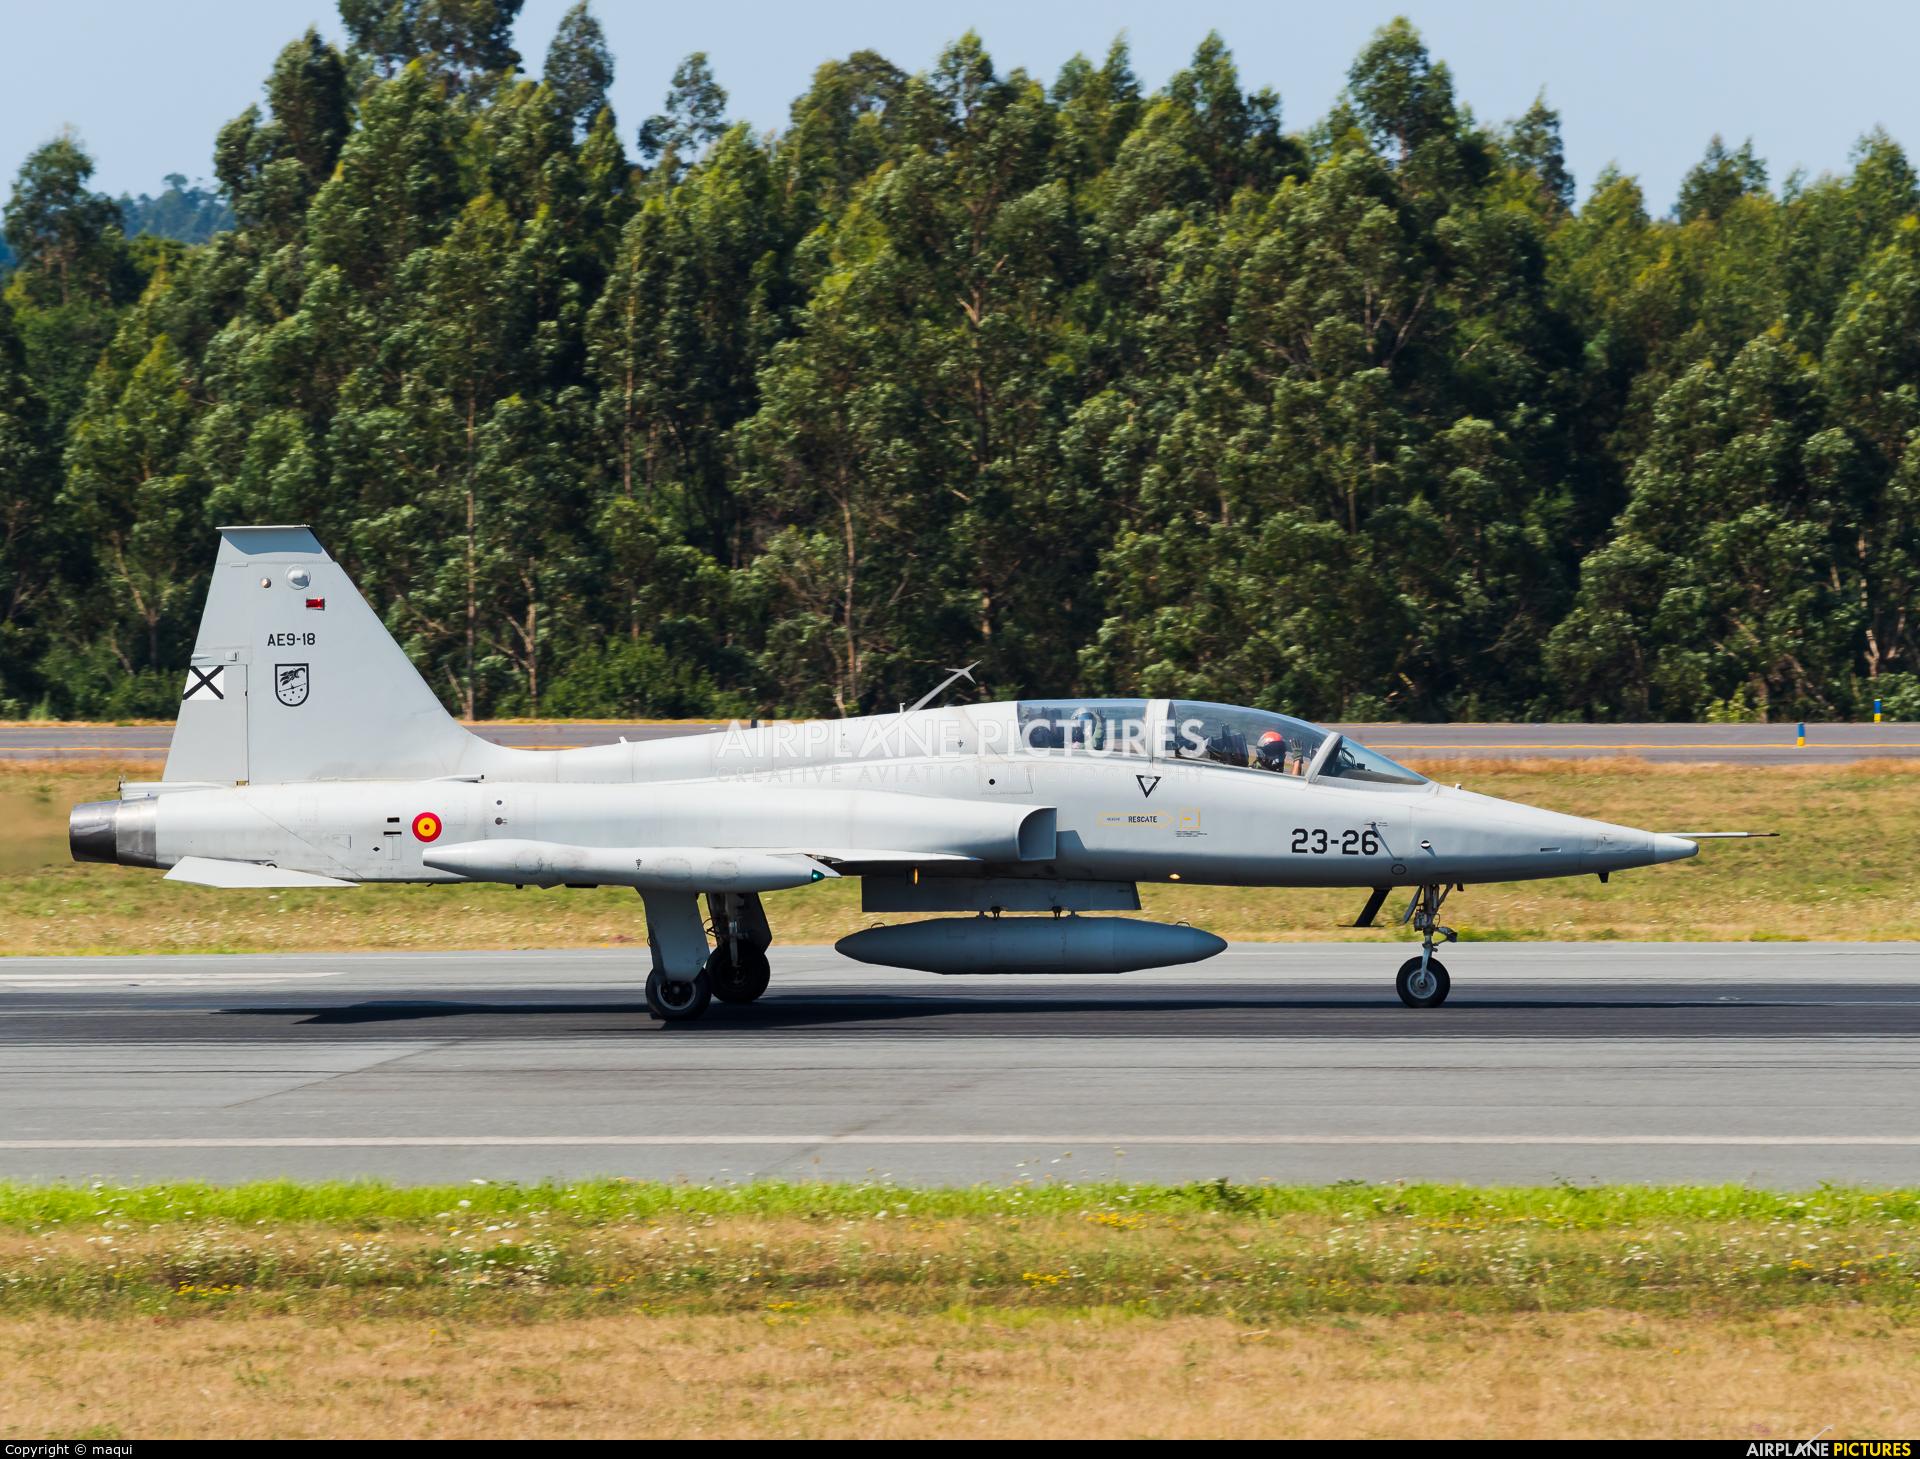 Spain - Air Force AE.9-018 aircraft at Santiago de Compostela